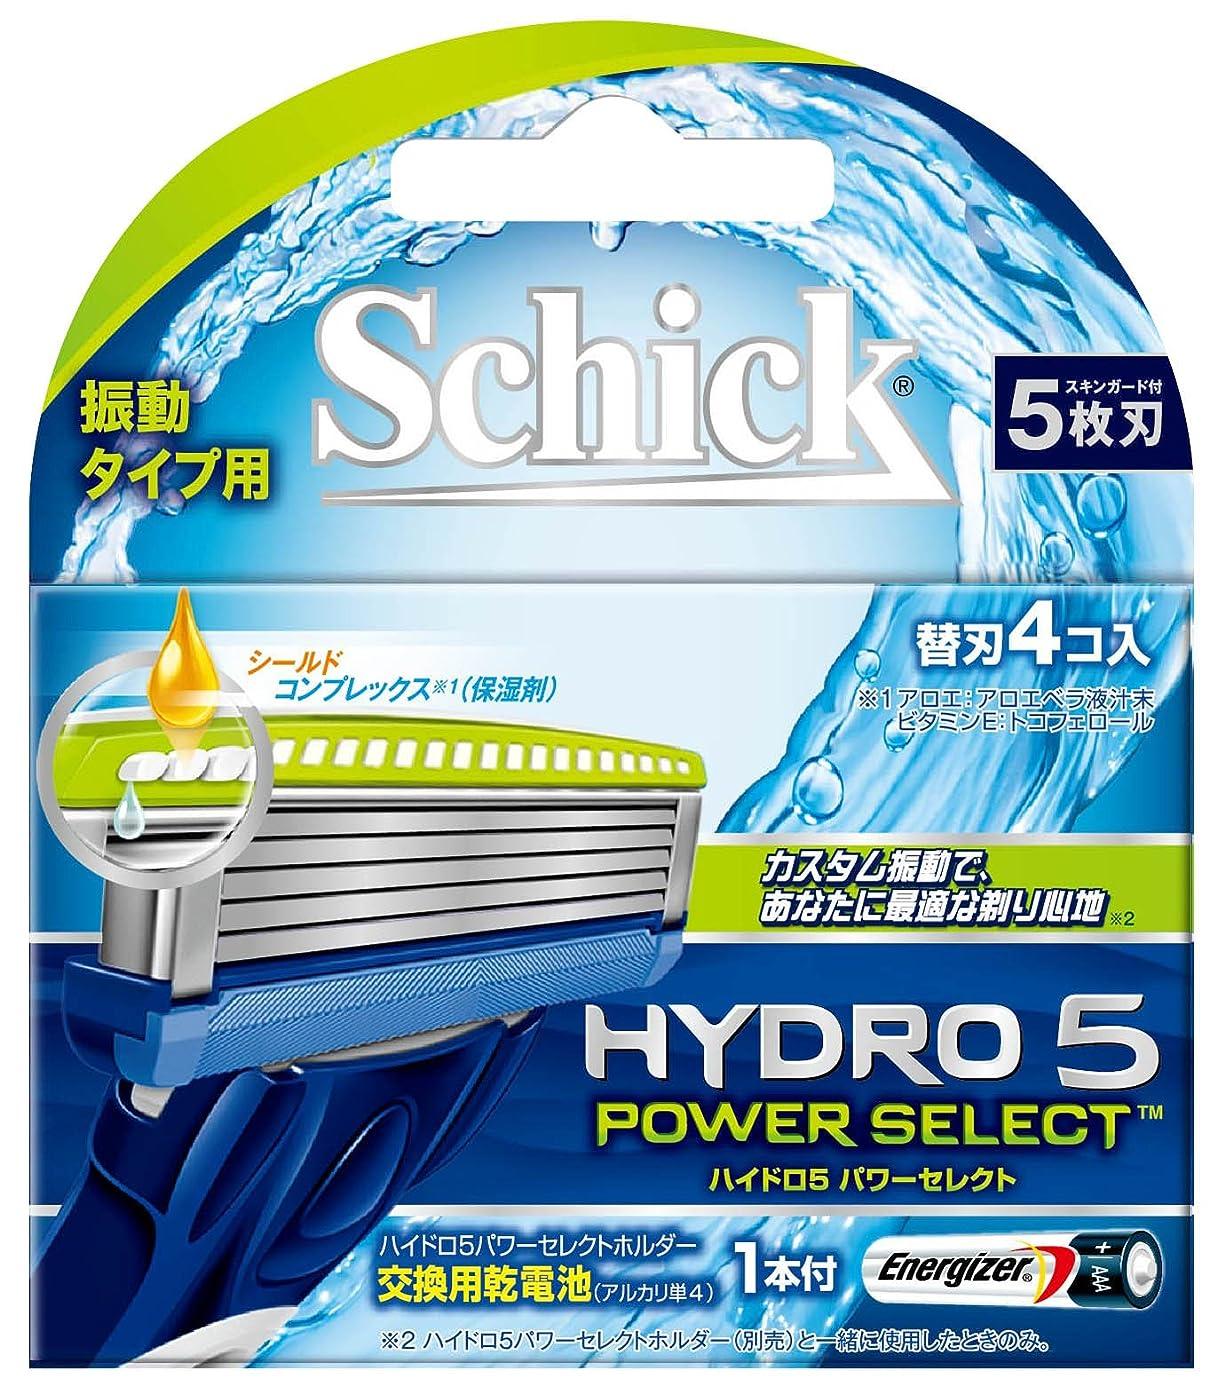 頭トライアスリートトークンシック ハイドロ5 パワーセレクト 替刃(4コ入)